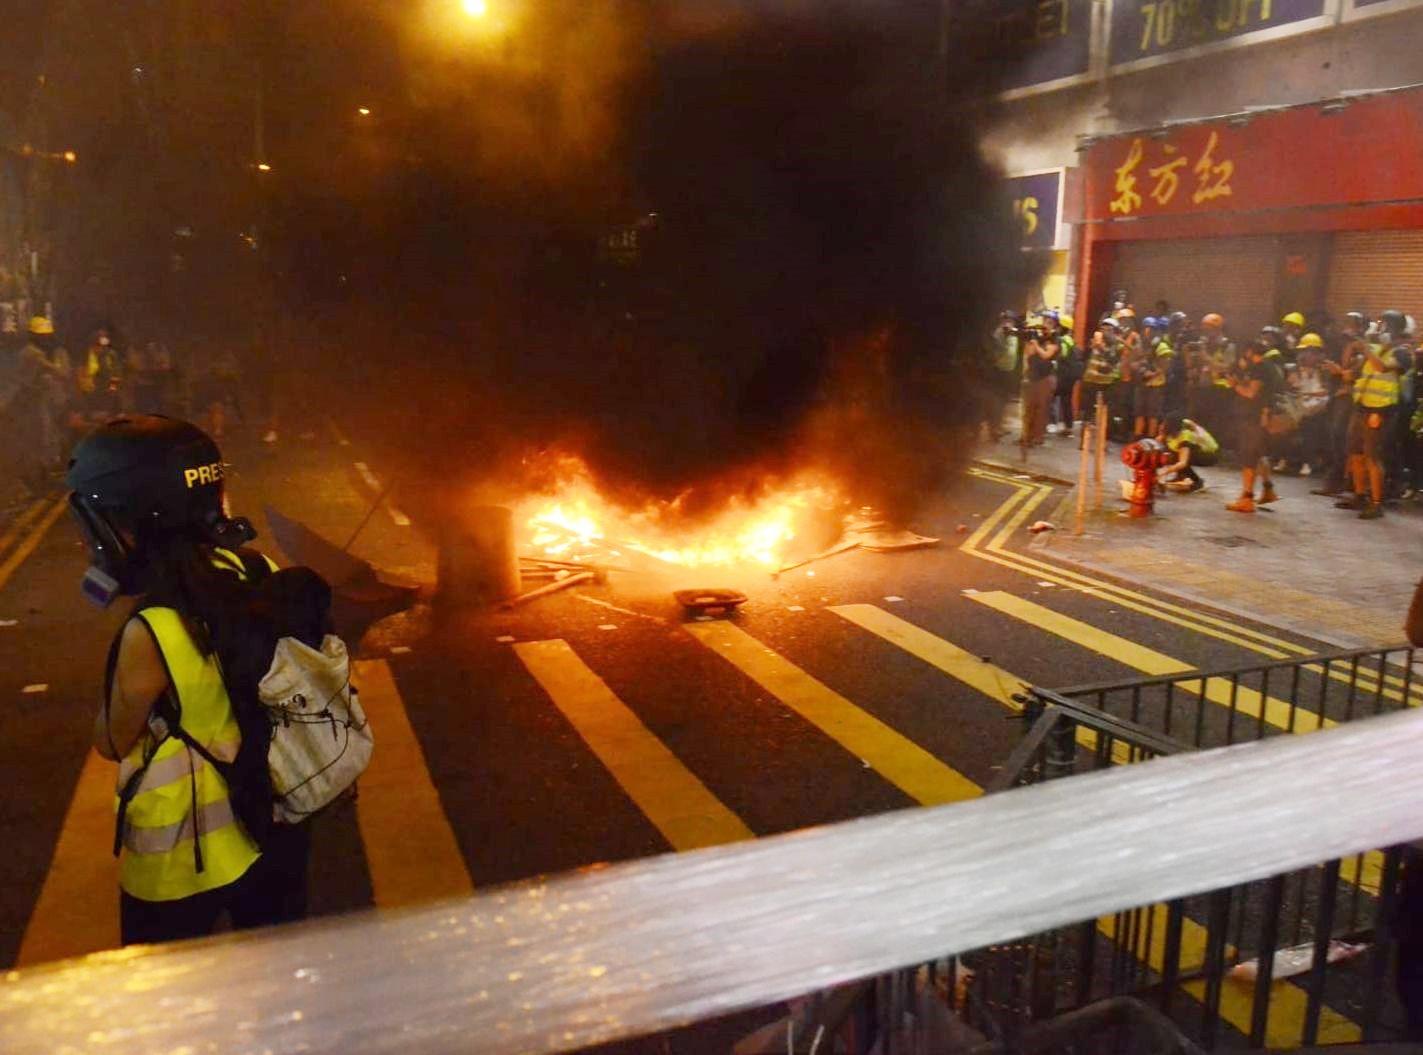 【堵塞紅隧】示威者焚燒雜物放推車衝向警察 警斥嚴重威脅人身安全